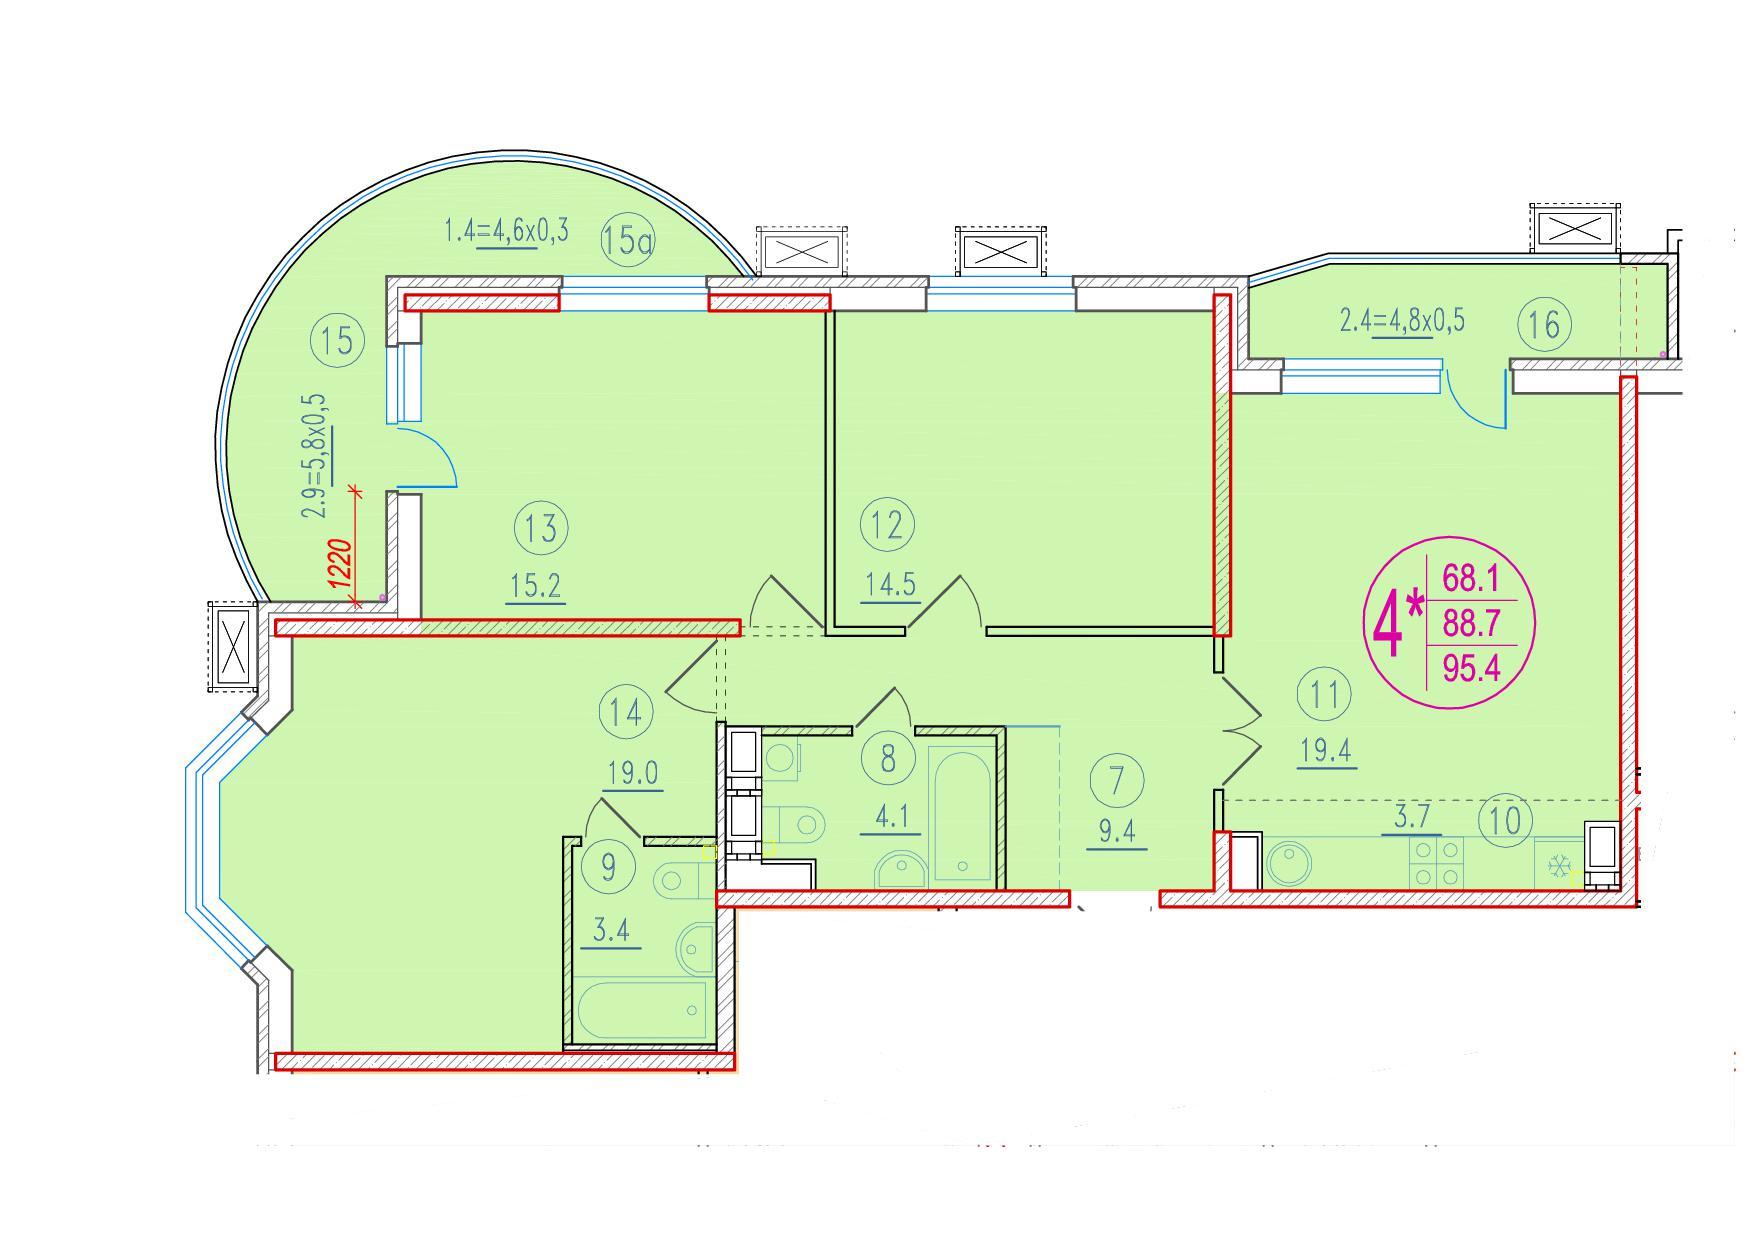 4-комнатная смарт 95.4<span>м<sup>2</sup></span>